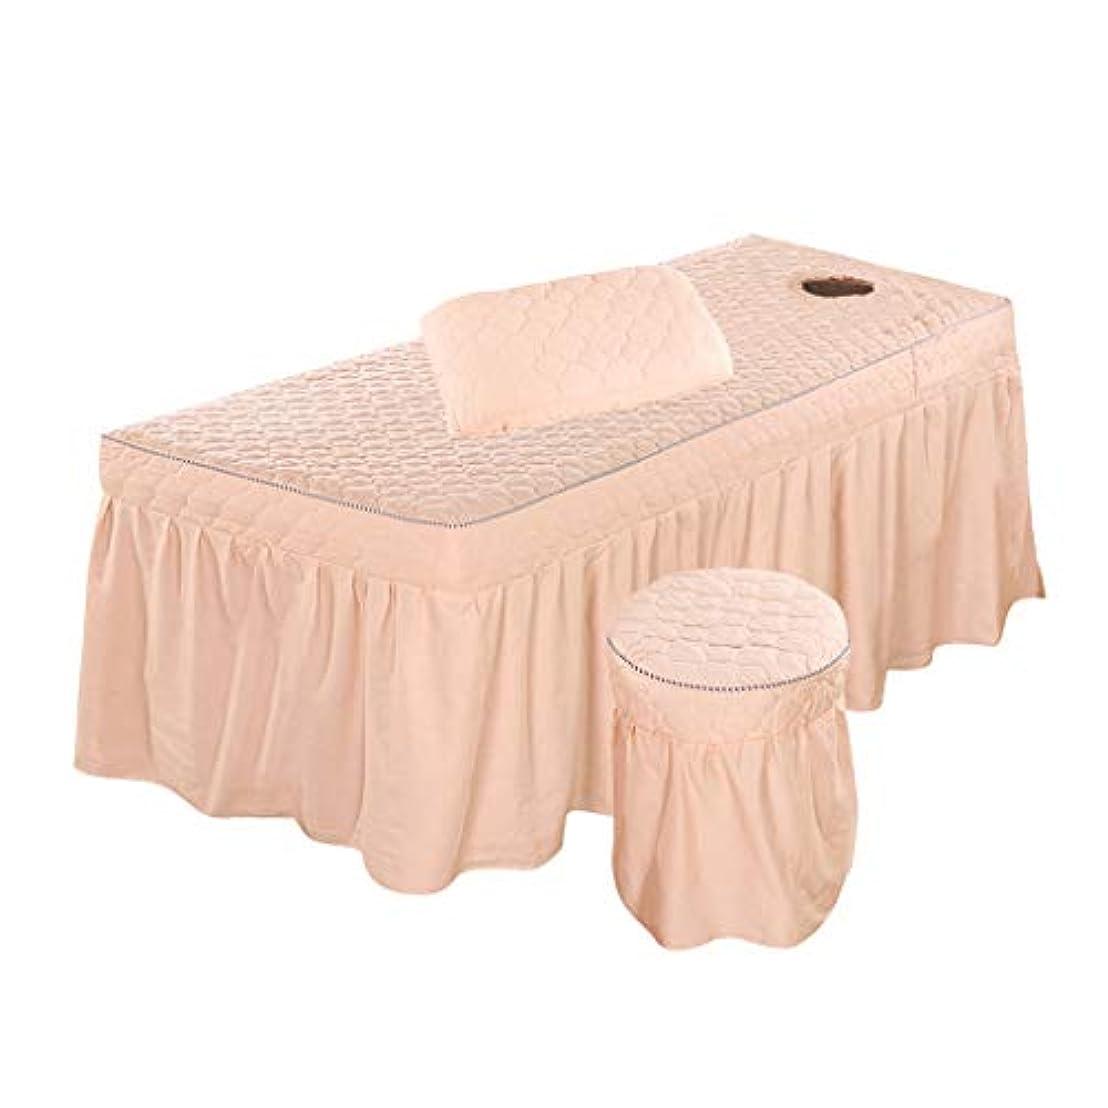 支給織る成功マッサージベッドカバー 有孔 スツールカバー 枕カバー 快適 3個/セット - ライトピンク